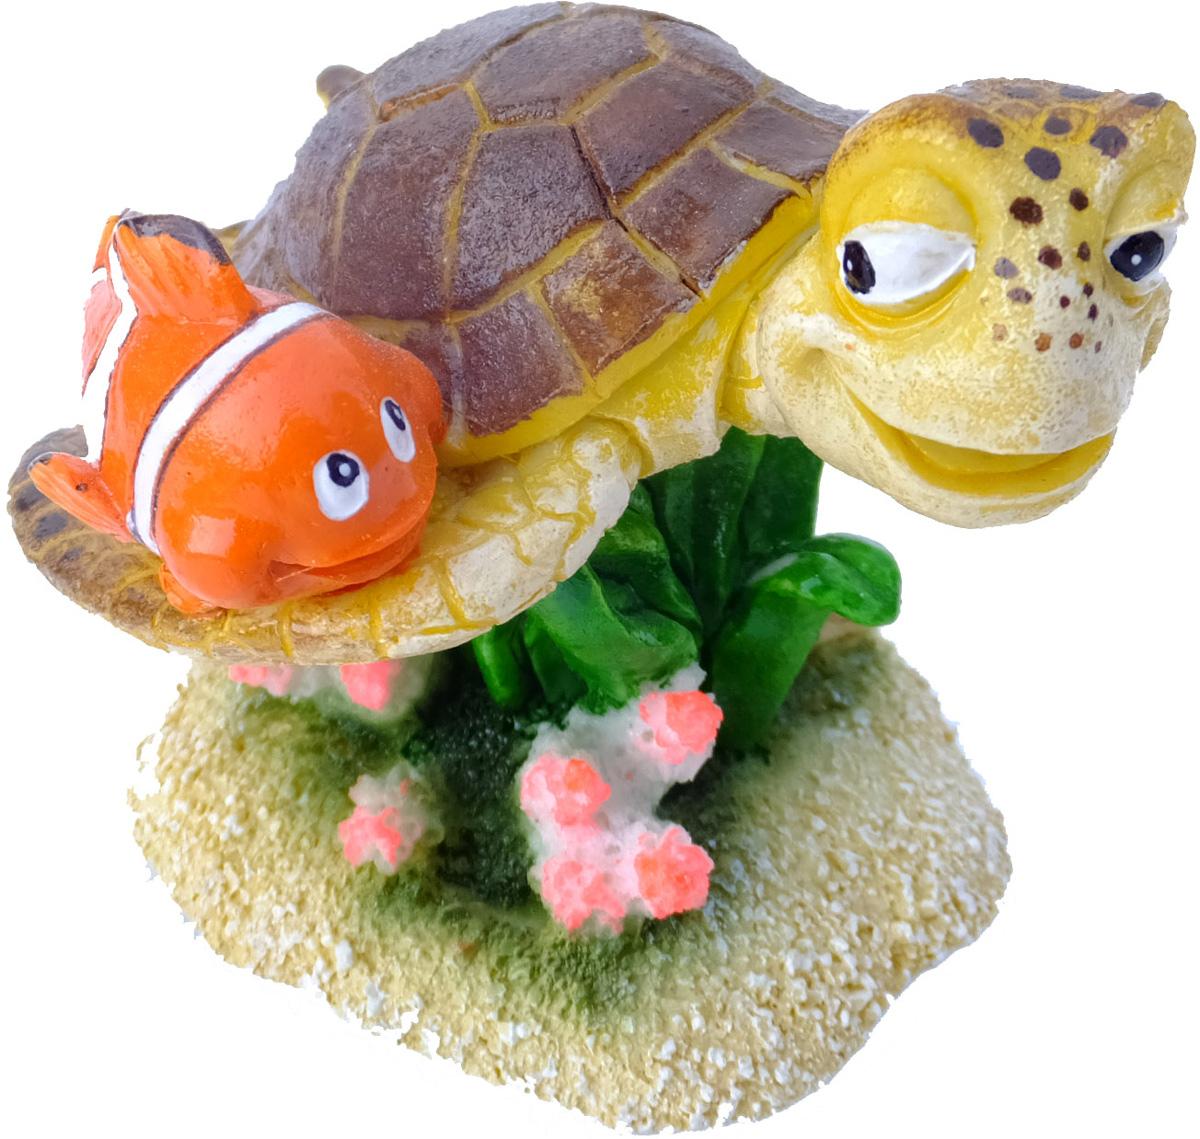 Грот Meijing Aquarium Немо и Прыск. EBI-338EBI-338Аквариумный грот – это отличный элемент дизайна. Оригинальные аквариумные украшения придают подводному ландшафту завершенный вид, что крайне важно, ведь одной из главнейших функций аквариума в интерьере является функция эстетическая. Но декорация-грот – это еще и прекрасное укрытие для рыбок и иных обитателей подводного мира. Особенно – в том случае, если кто-либо из ваших питомцев проявляет излишнюю агрессивность по отношению к соседям. В таком случае грот для аквариума окажется совершенно незаменимым. Грот Meijing Aquarium прекрасно впишется в любой интерьер аквариума. А в сочетании с другими элементами декора сделает среду обитания ваших рыбок максимально приближенной к морской среде. Декорация абсолютно безвредна для рыб и растений. Грот тонет и не требует дополнительной фиксации в аквариуме. Может использоваться как в пресной, так и в морской воде. Изделие не токсично, не тускнеет и не теряет цвета, краска не облазит.